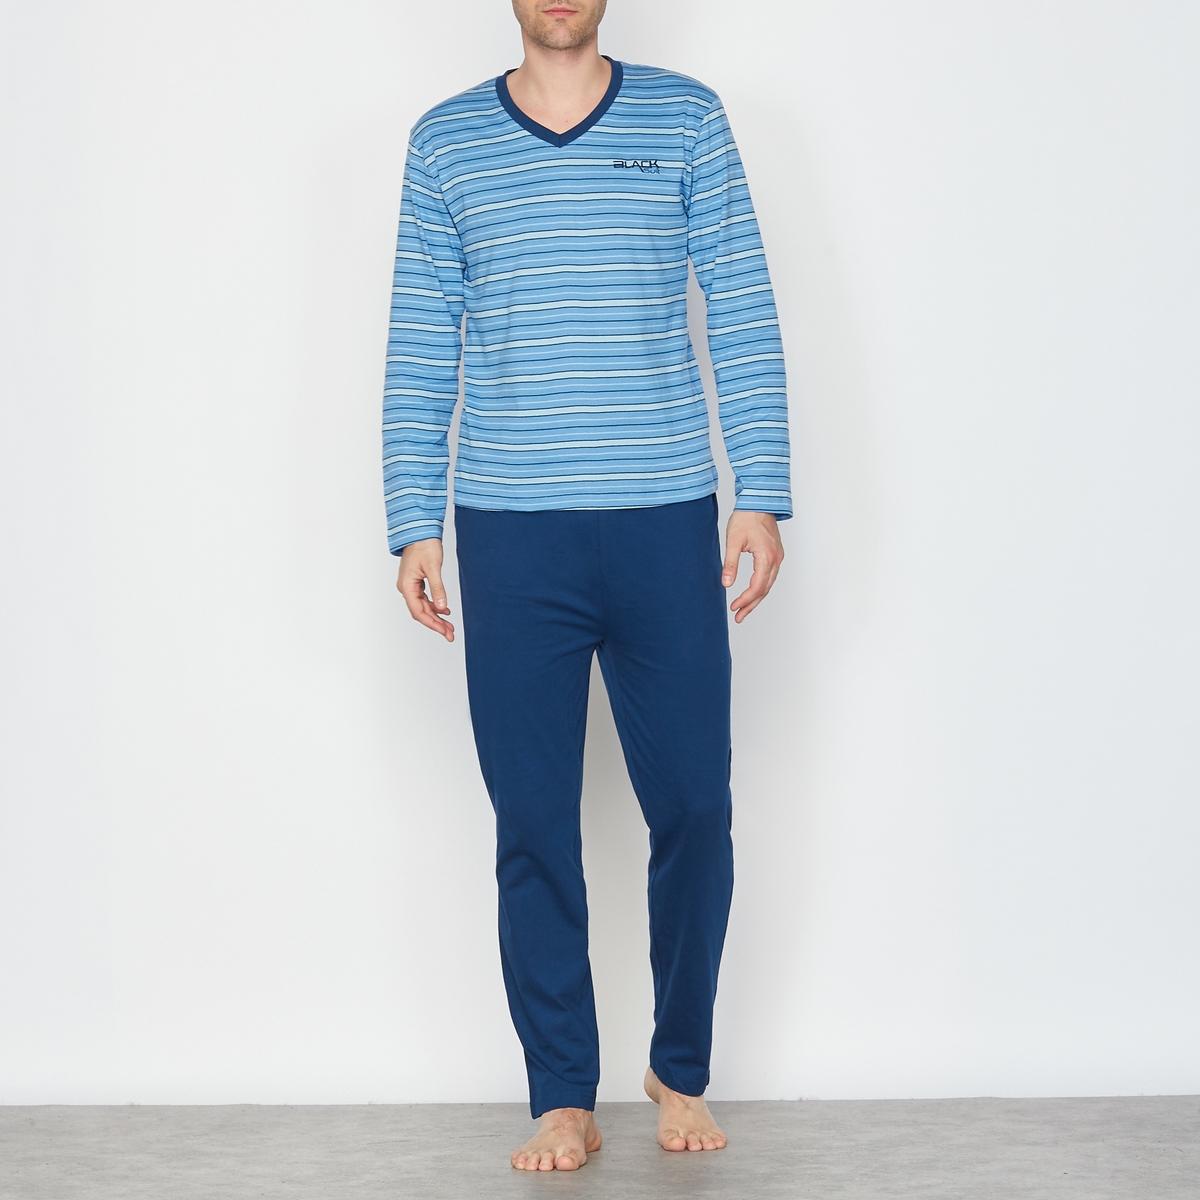 Пижама двухцветная с V-образным вырезом. Длинные рукаваСостав и описаниеМатериал : 100% хлопкаМарка : R essentiel.УходМашинная стирка при 30 °CСтирка с вещами схожих цветовГладить с изнанки..<br><br>Цвет: темно-синий